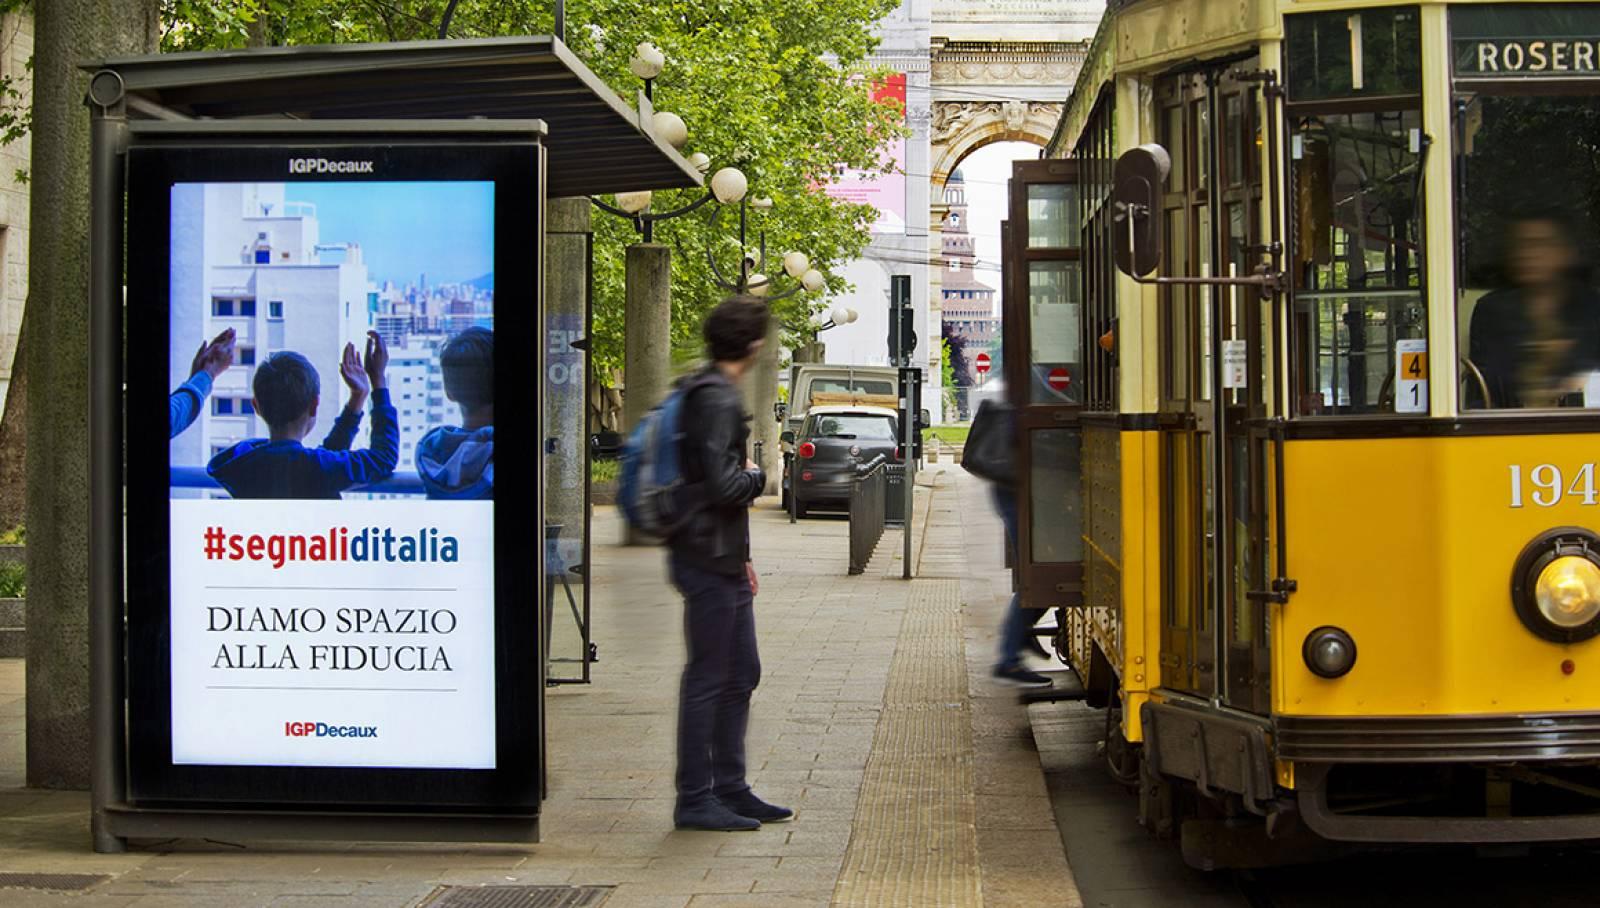 Pubblicità DOOH IGPDecaux Network Vision a Milano per la Campagna istituzionale IGPDecaux Diamo spazio alla fiducia